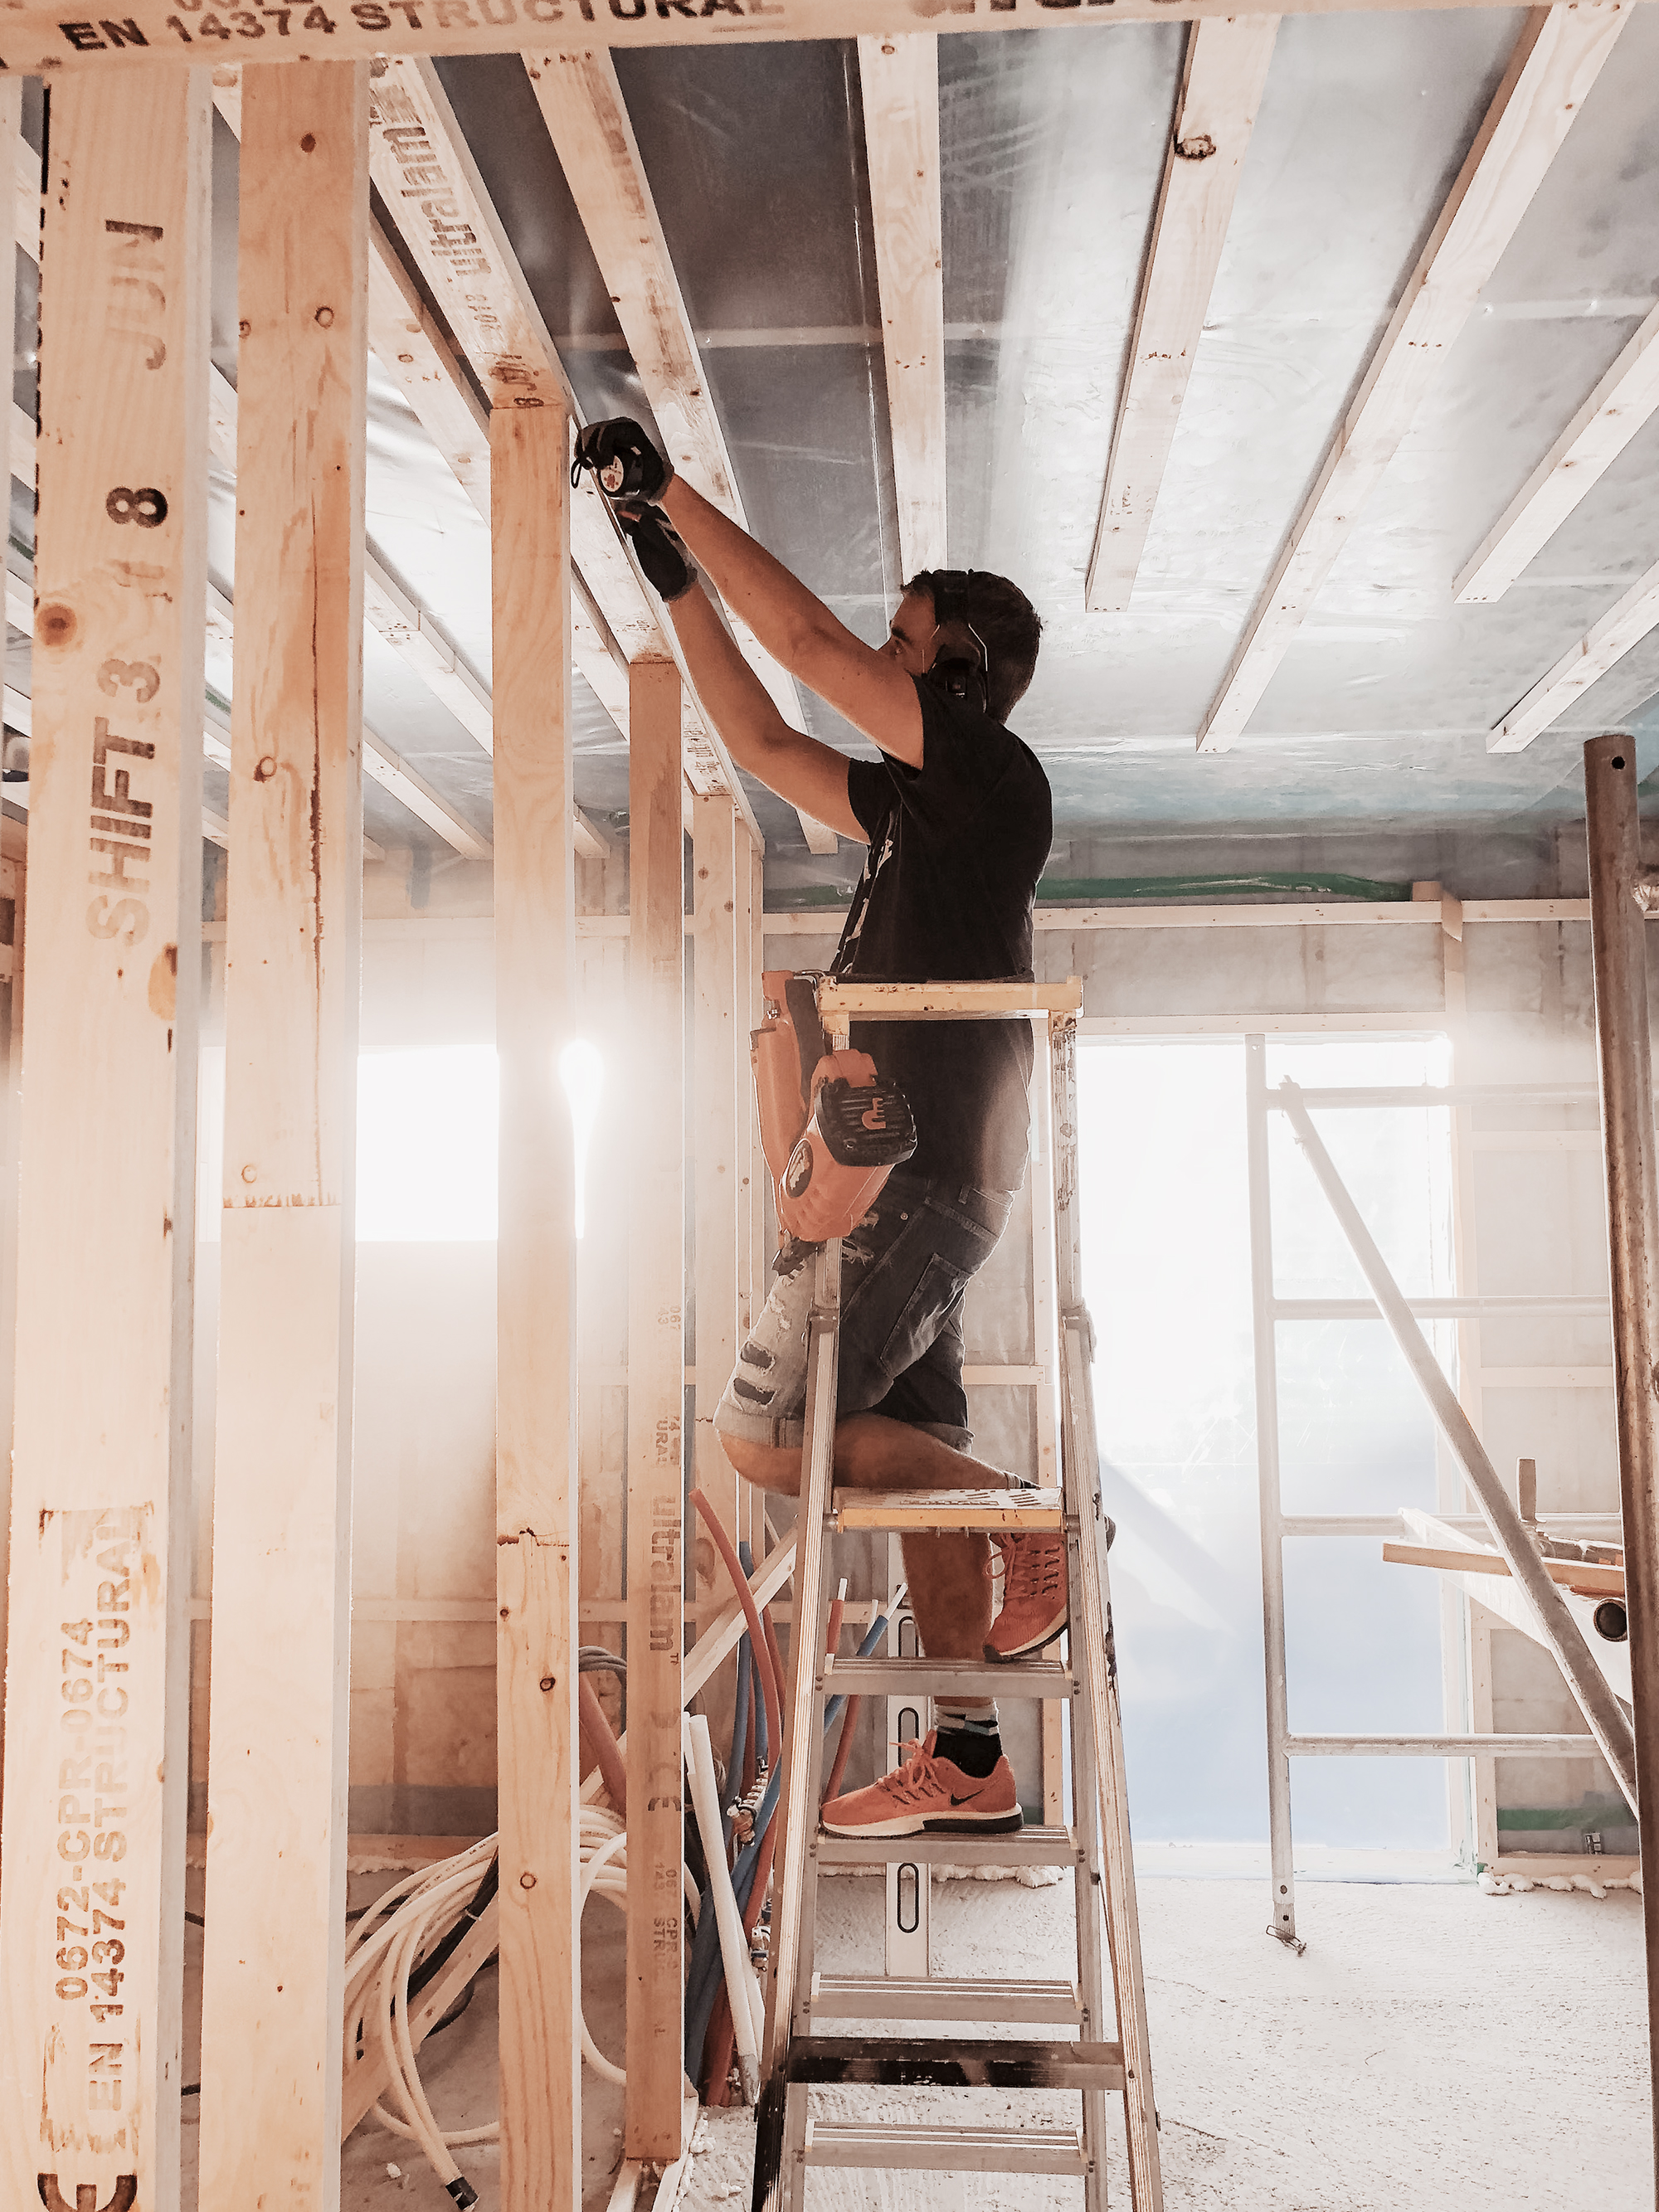 Building Home ||The Process ||By Sandramaria ||Sandramarias.com